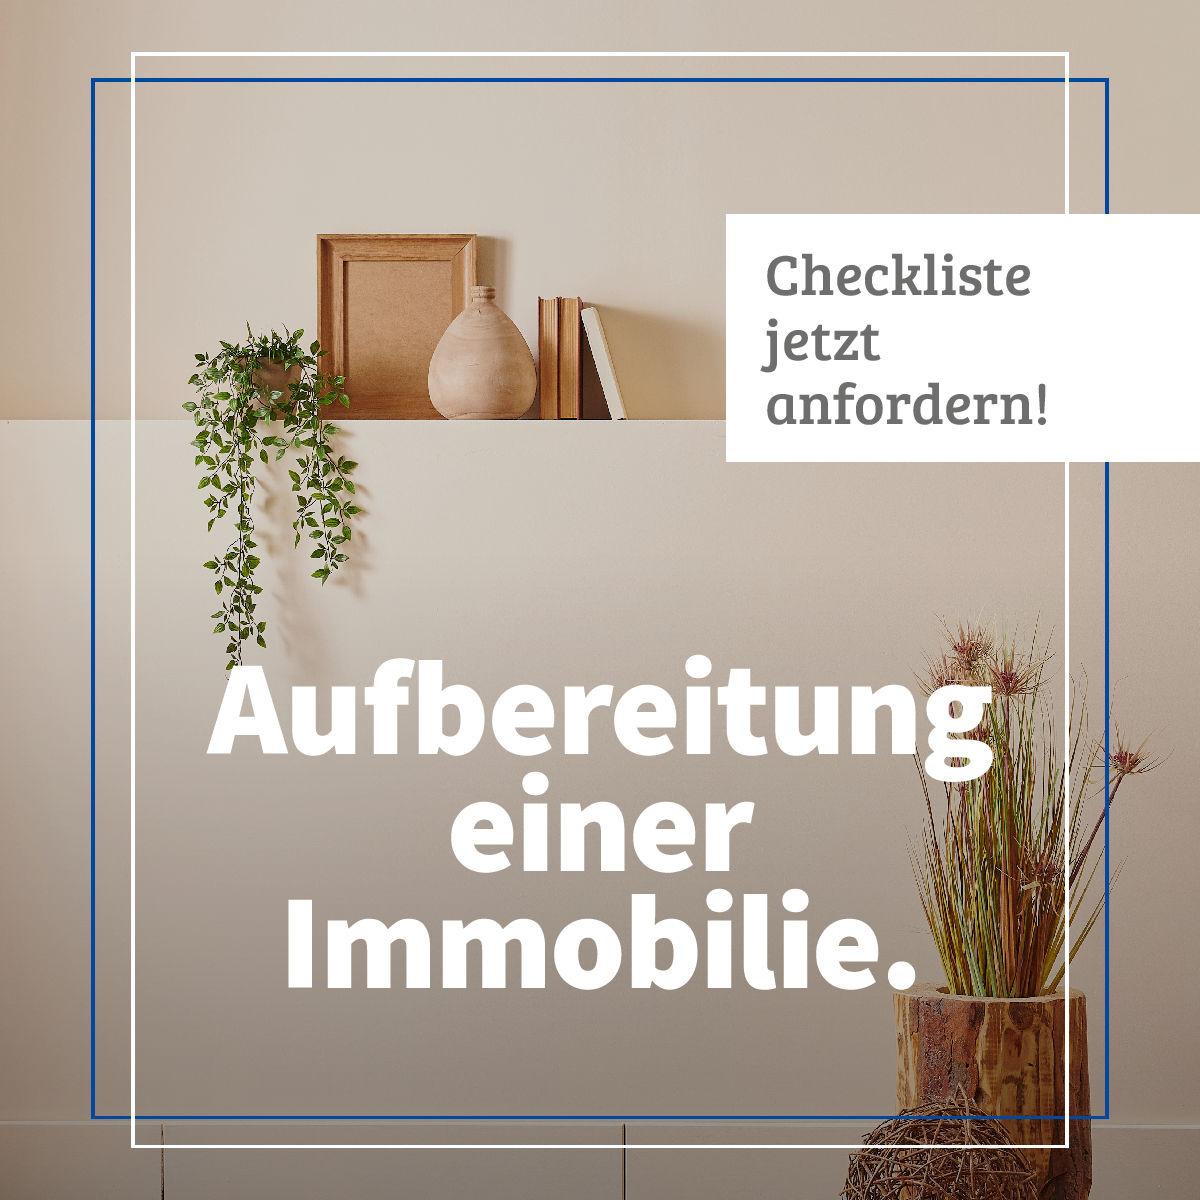 Mayer_und_Dau_Aufbereitung_der_Immobilie_Social-Media